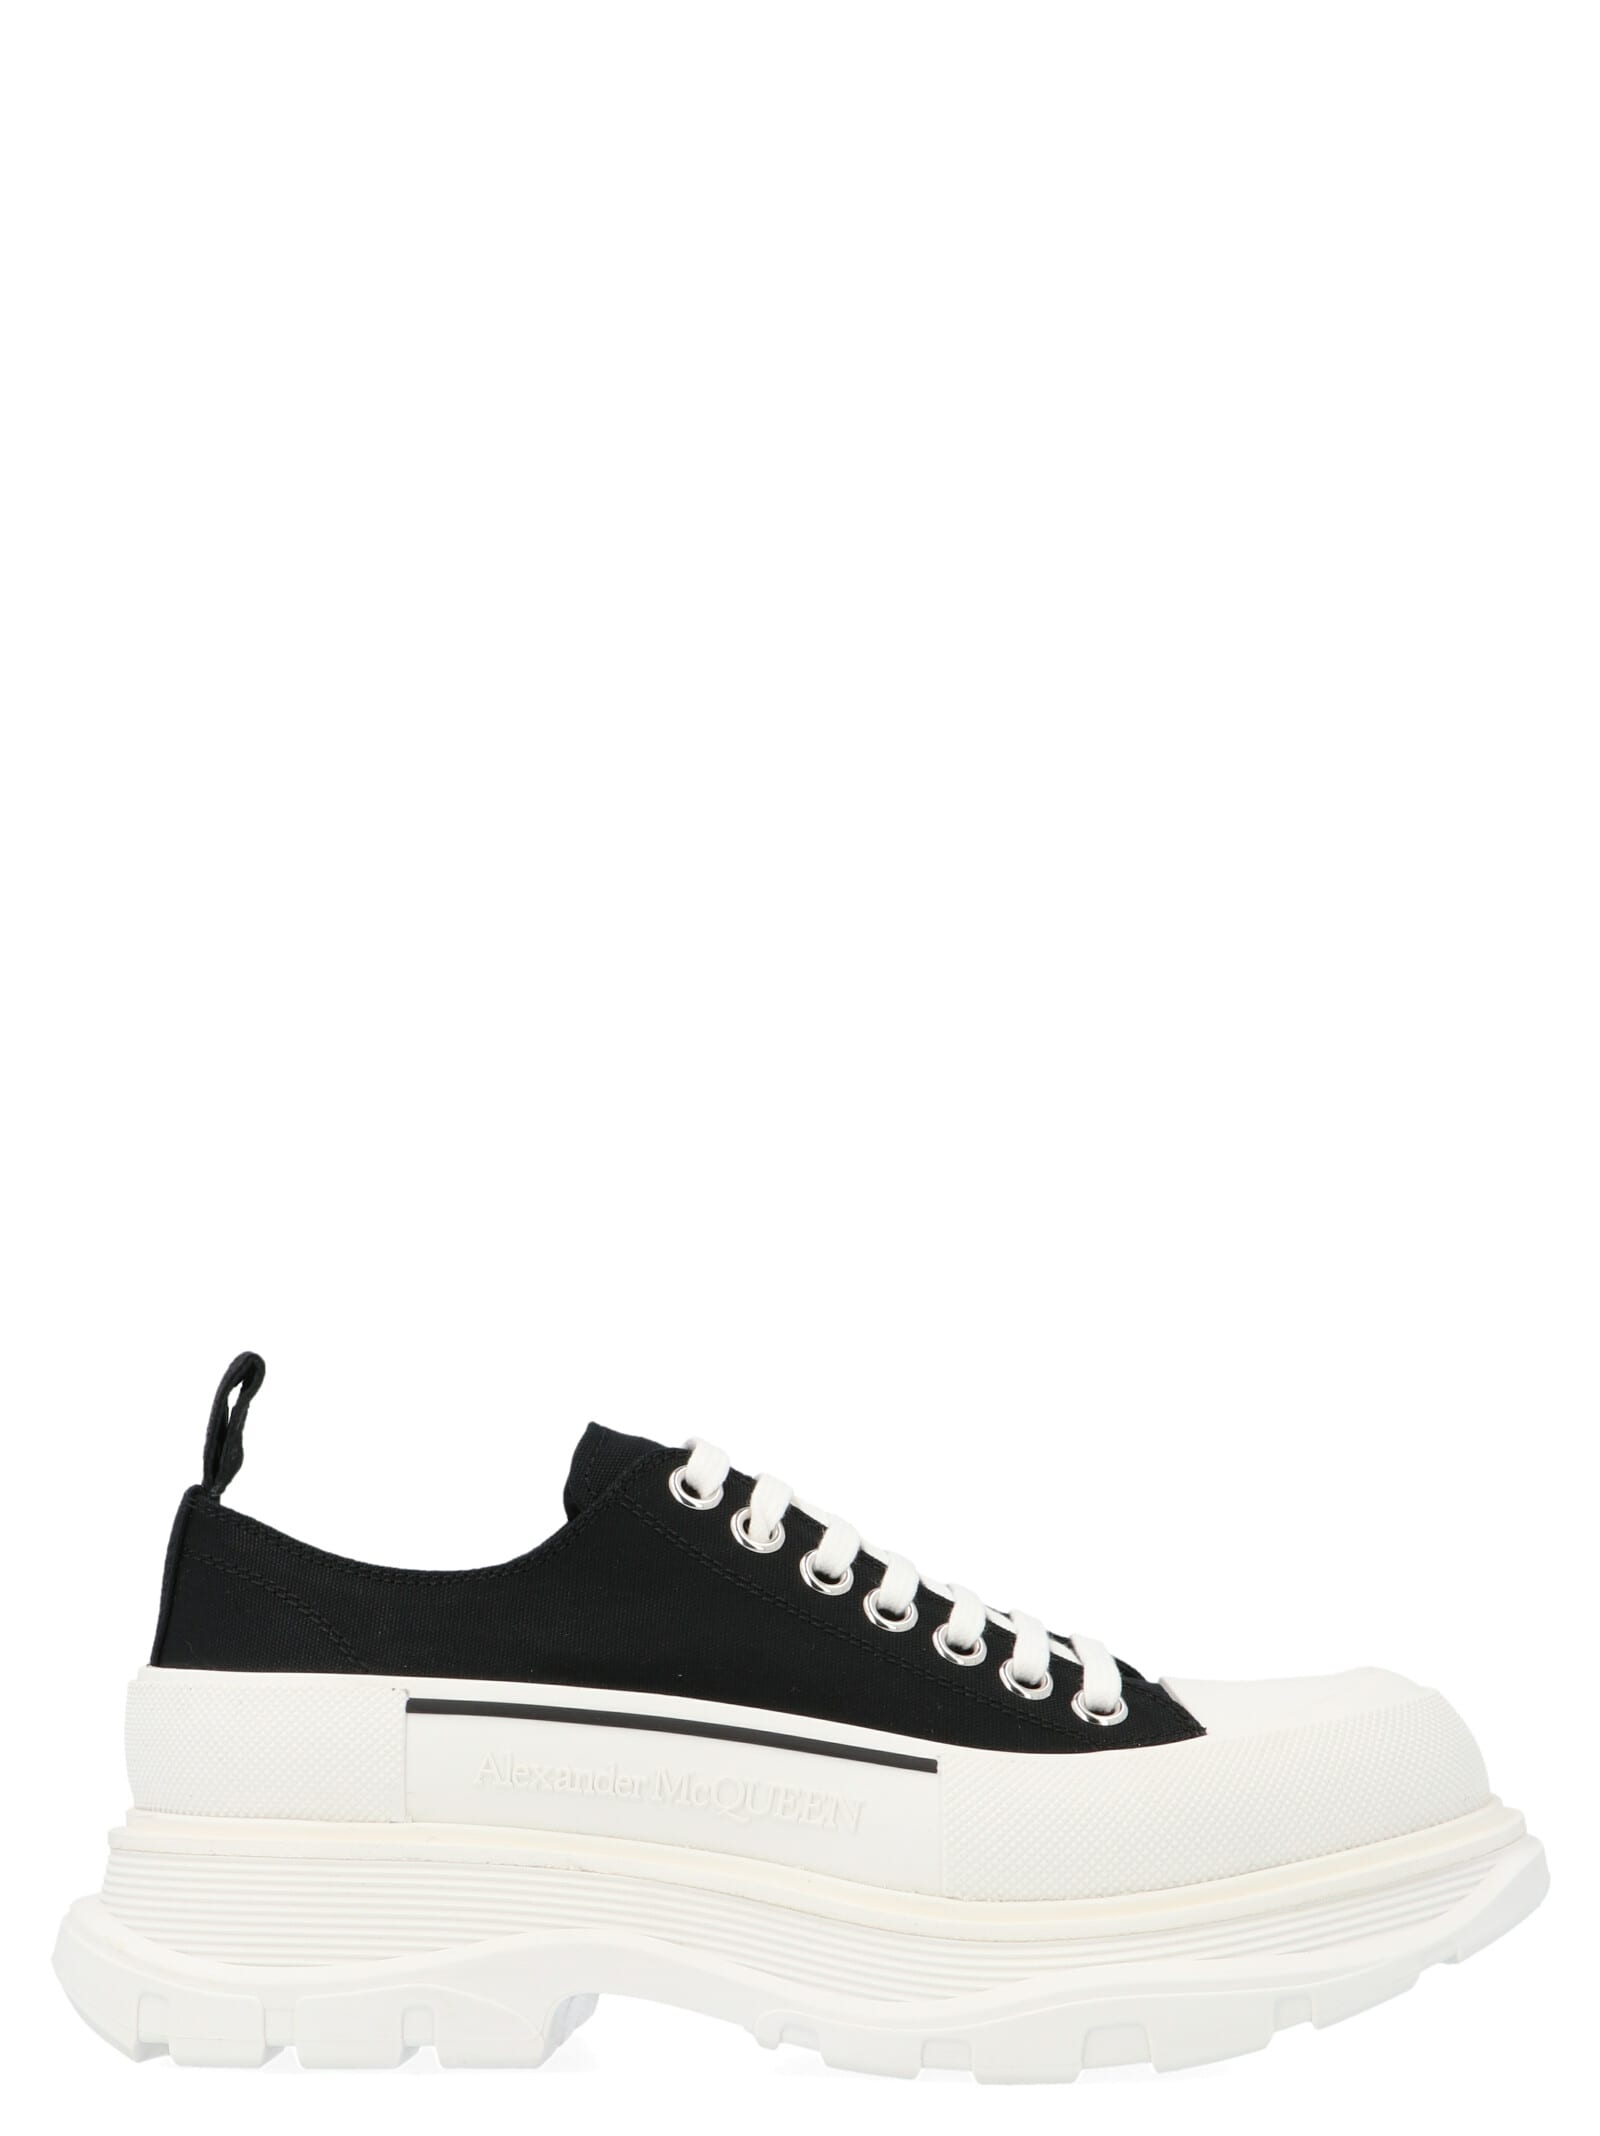 tread Slick Shoes